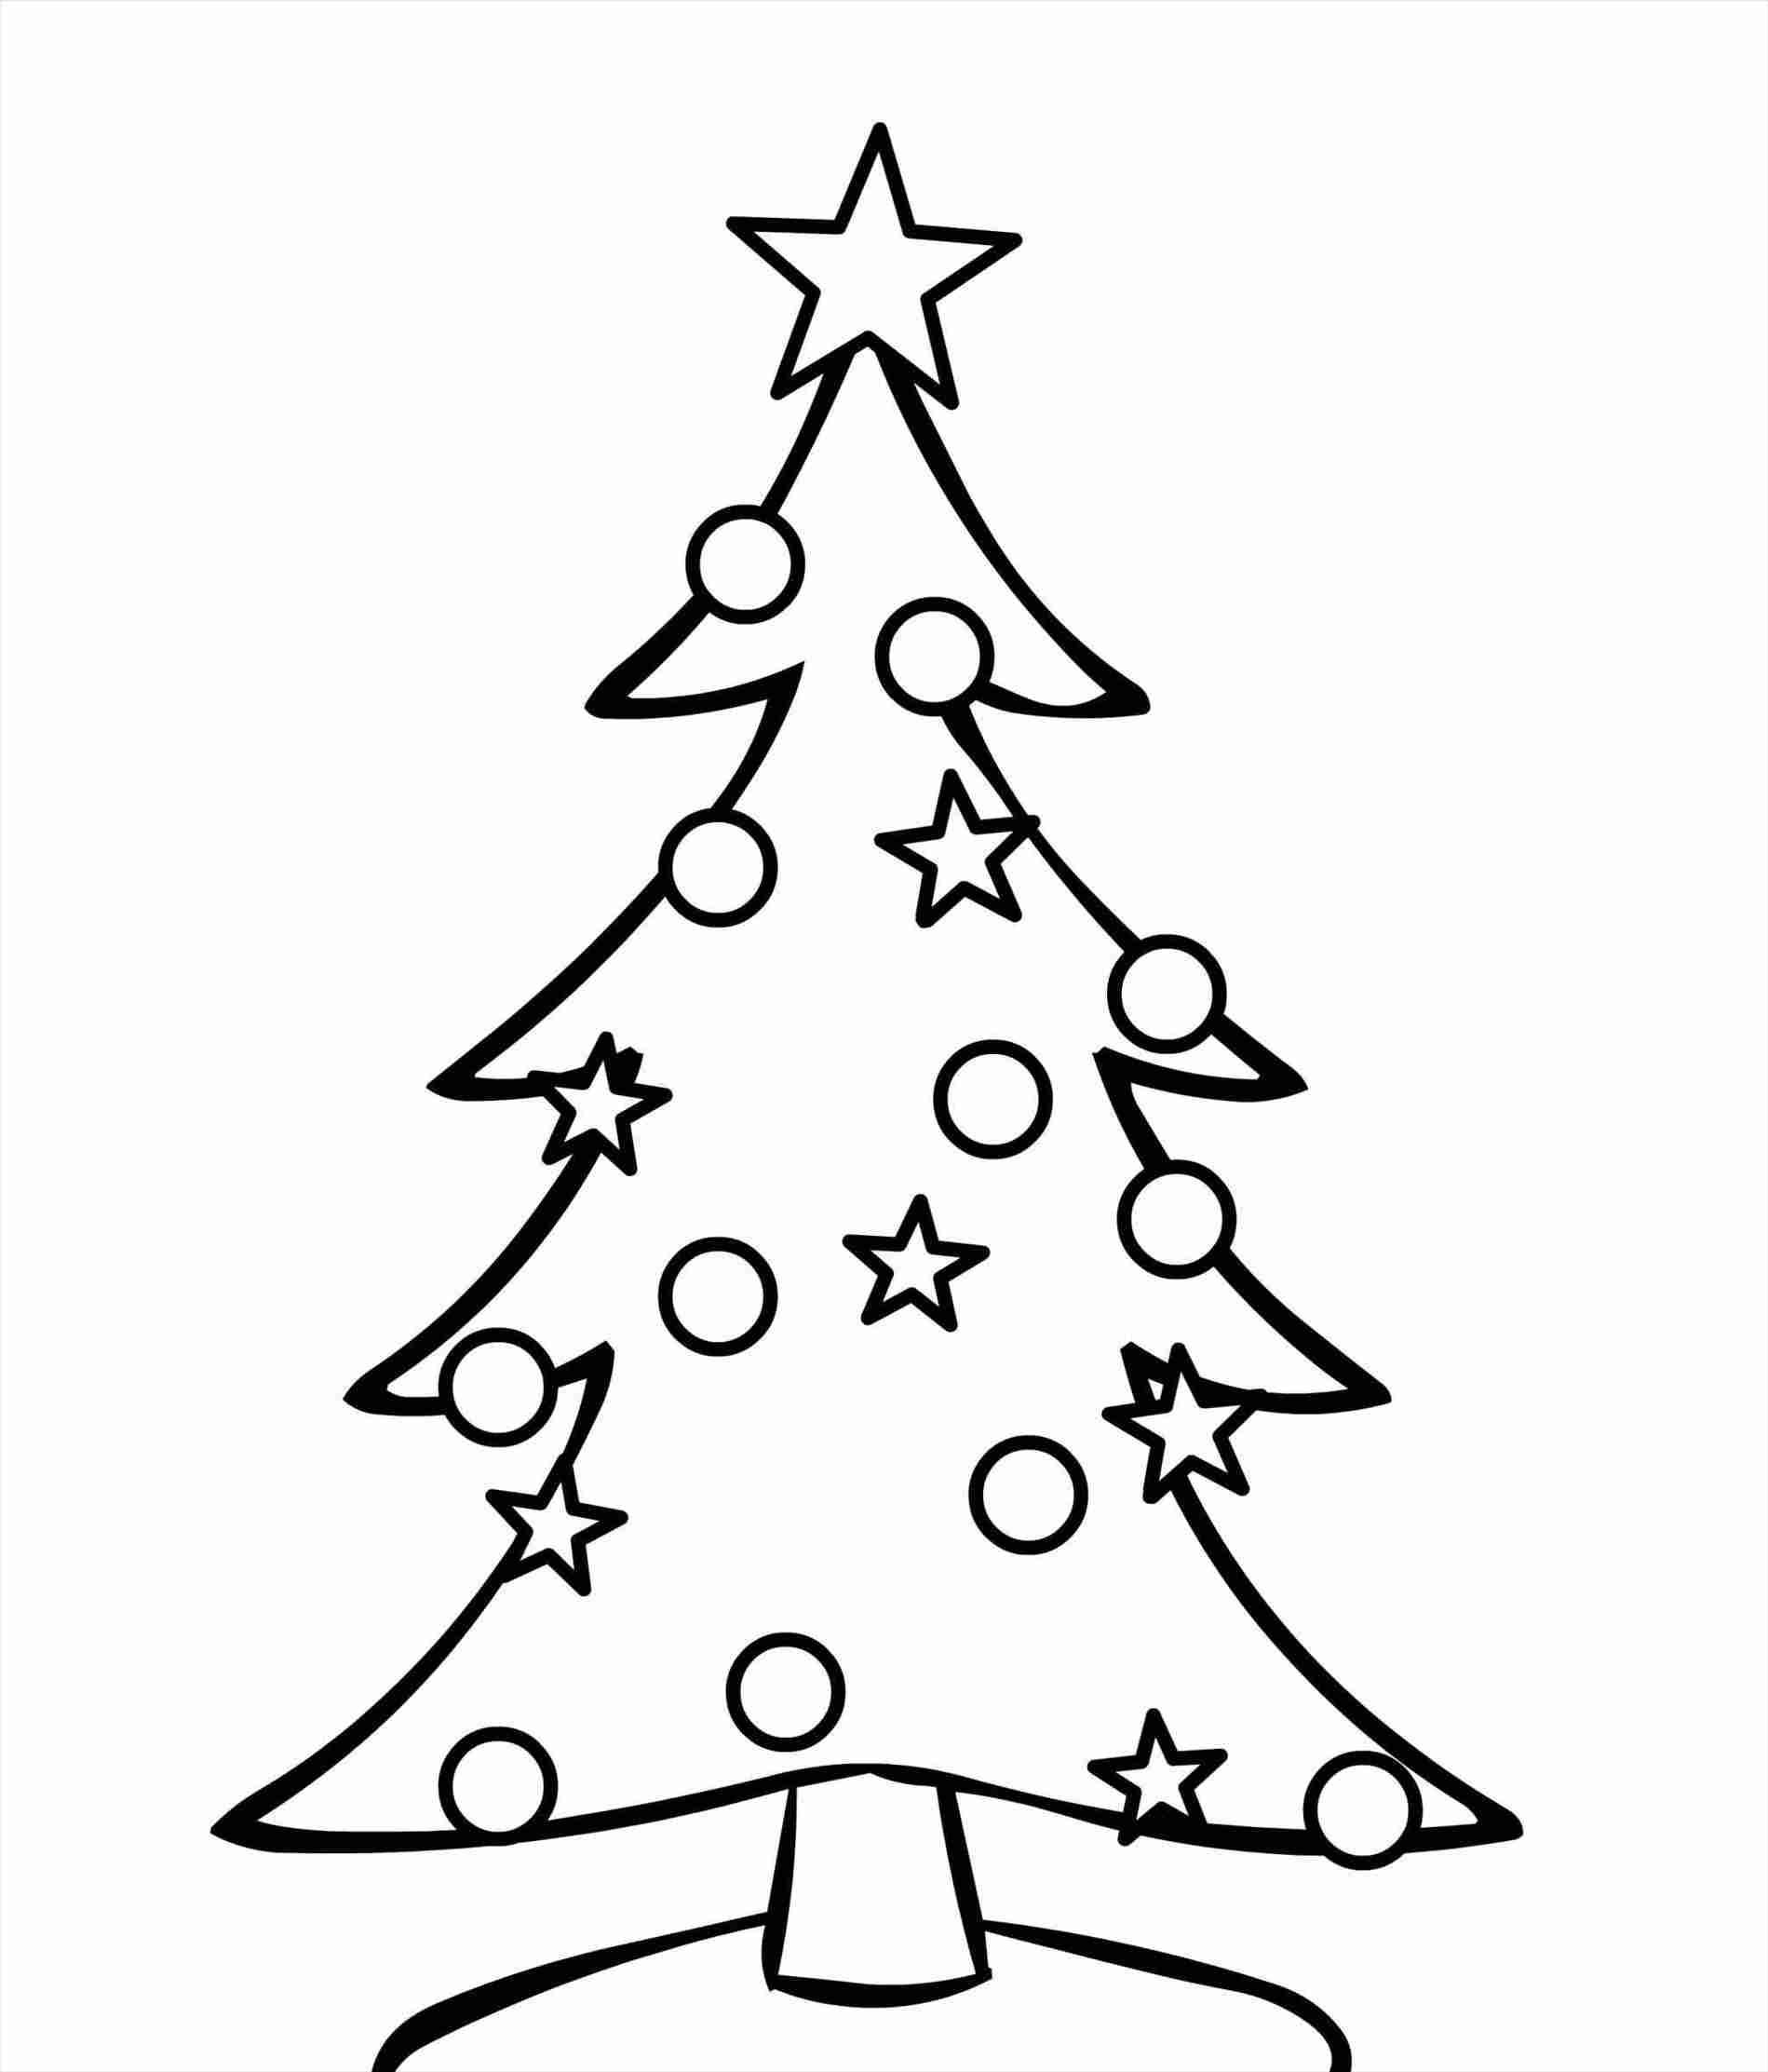 Drawing Of A Christmas Tree Easy.Christmas Tree Drawing Easy Free Download Best Christmas